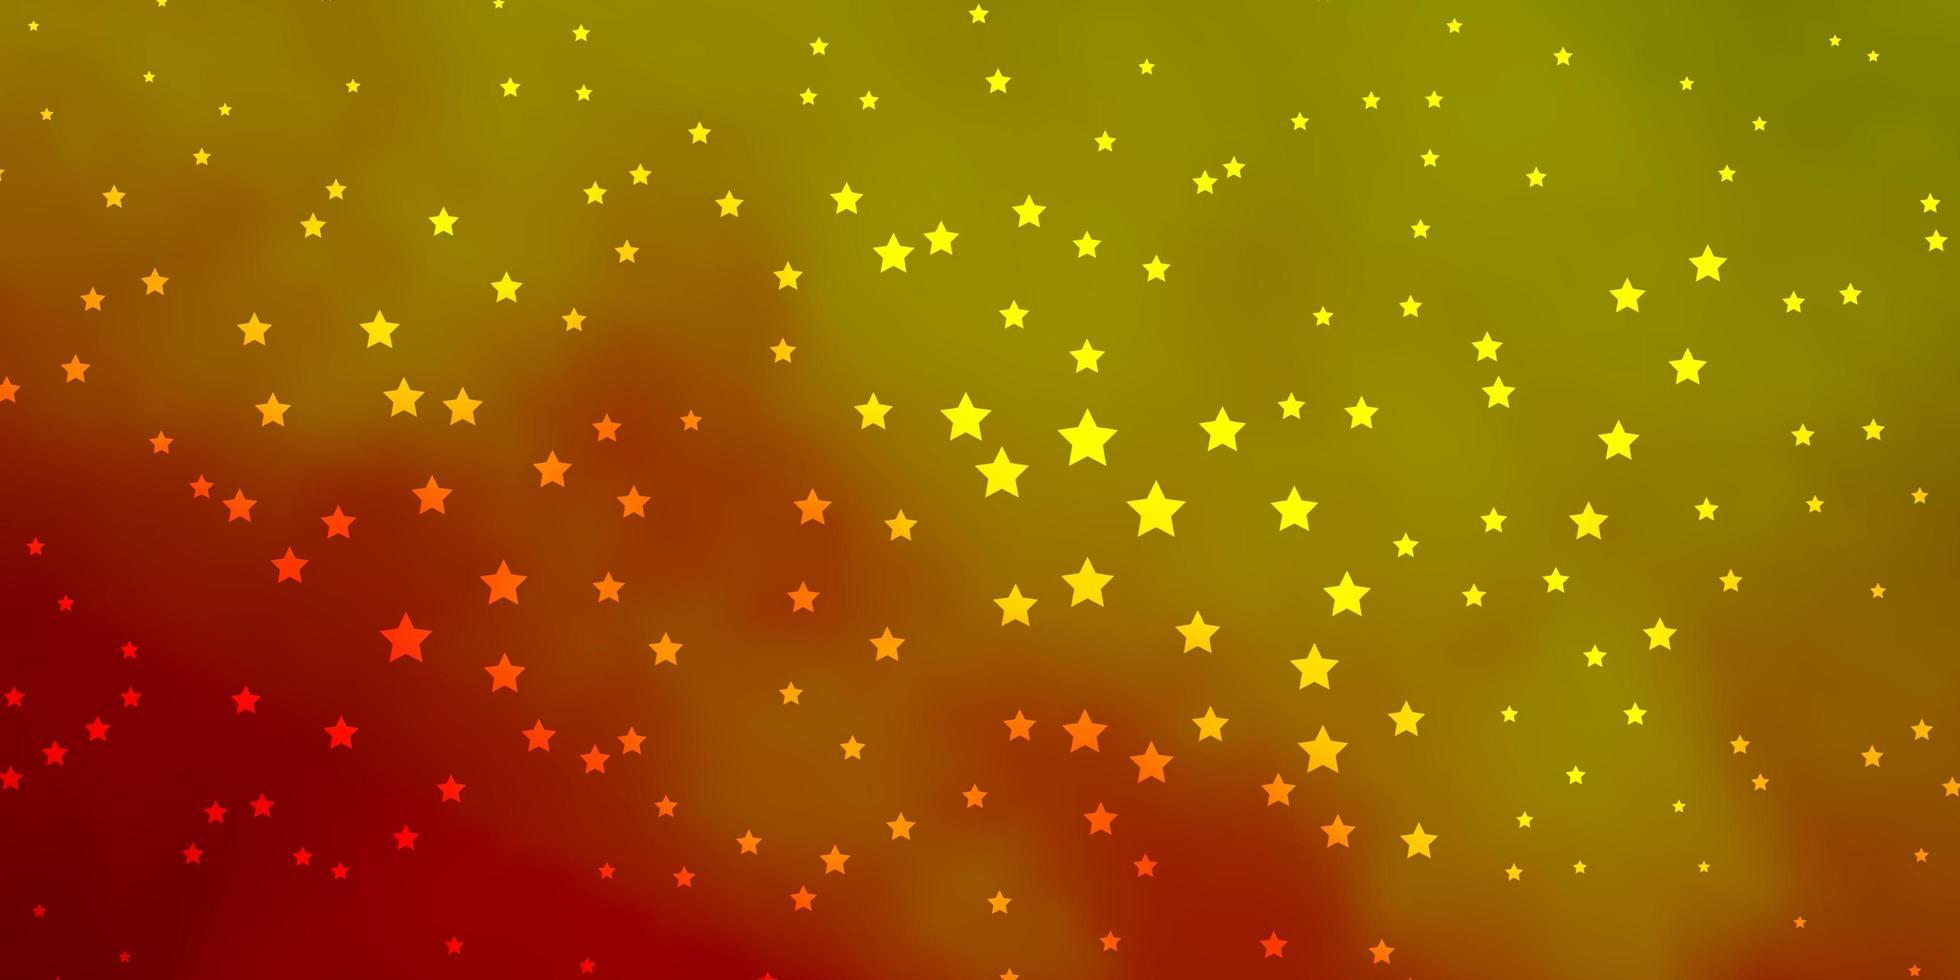 texture de vecteur vert foncé, rouge avec de belles étoiles.